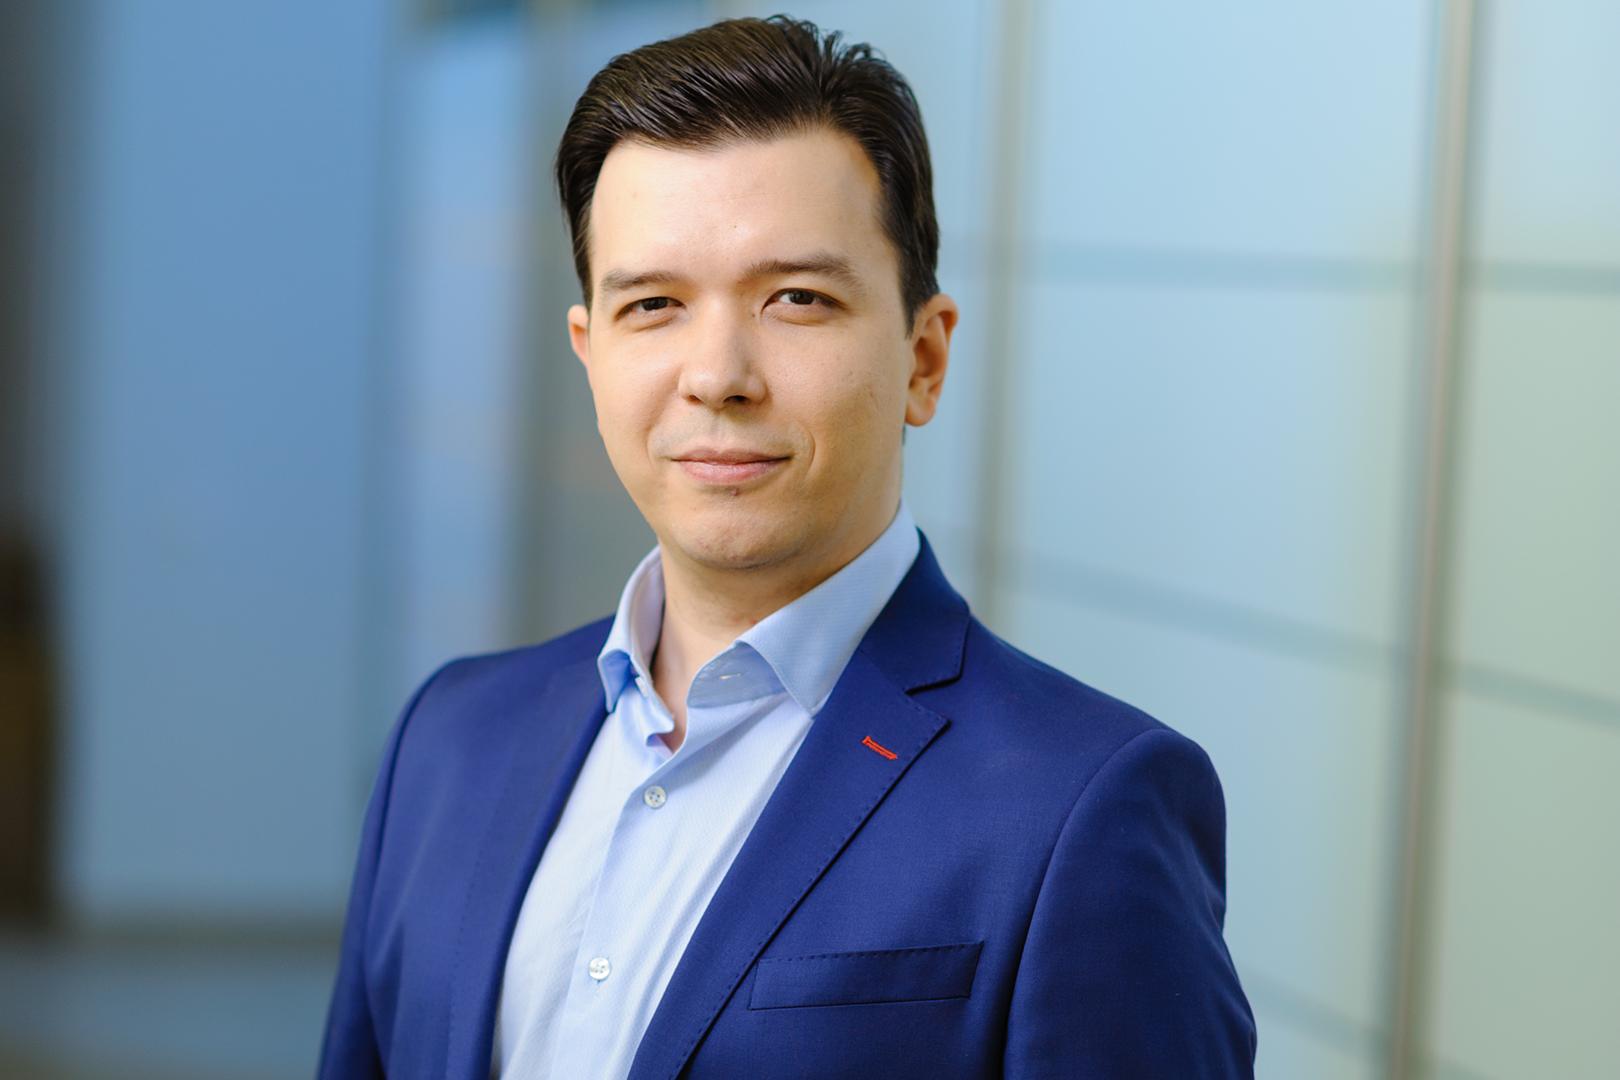 Начальник отдела сопровождения продаж и обслуживания компании Юрий Лукашевич.